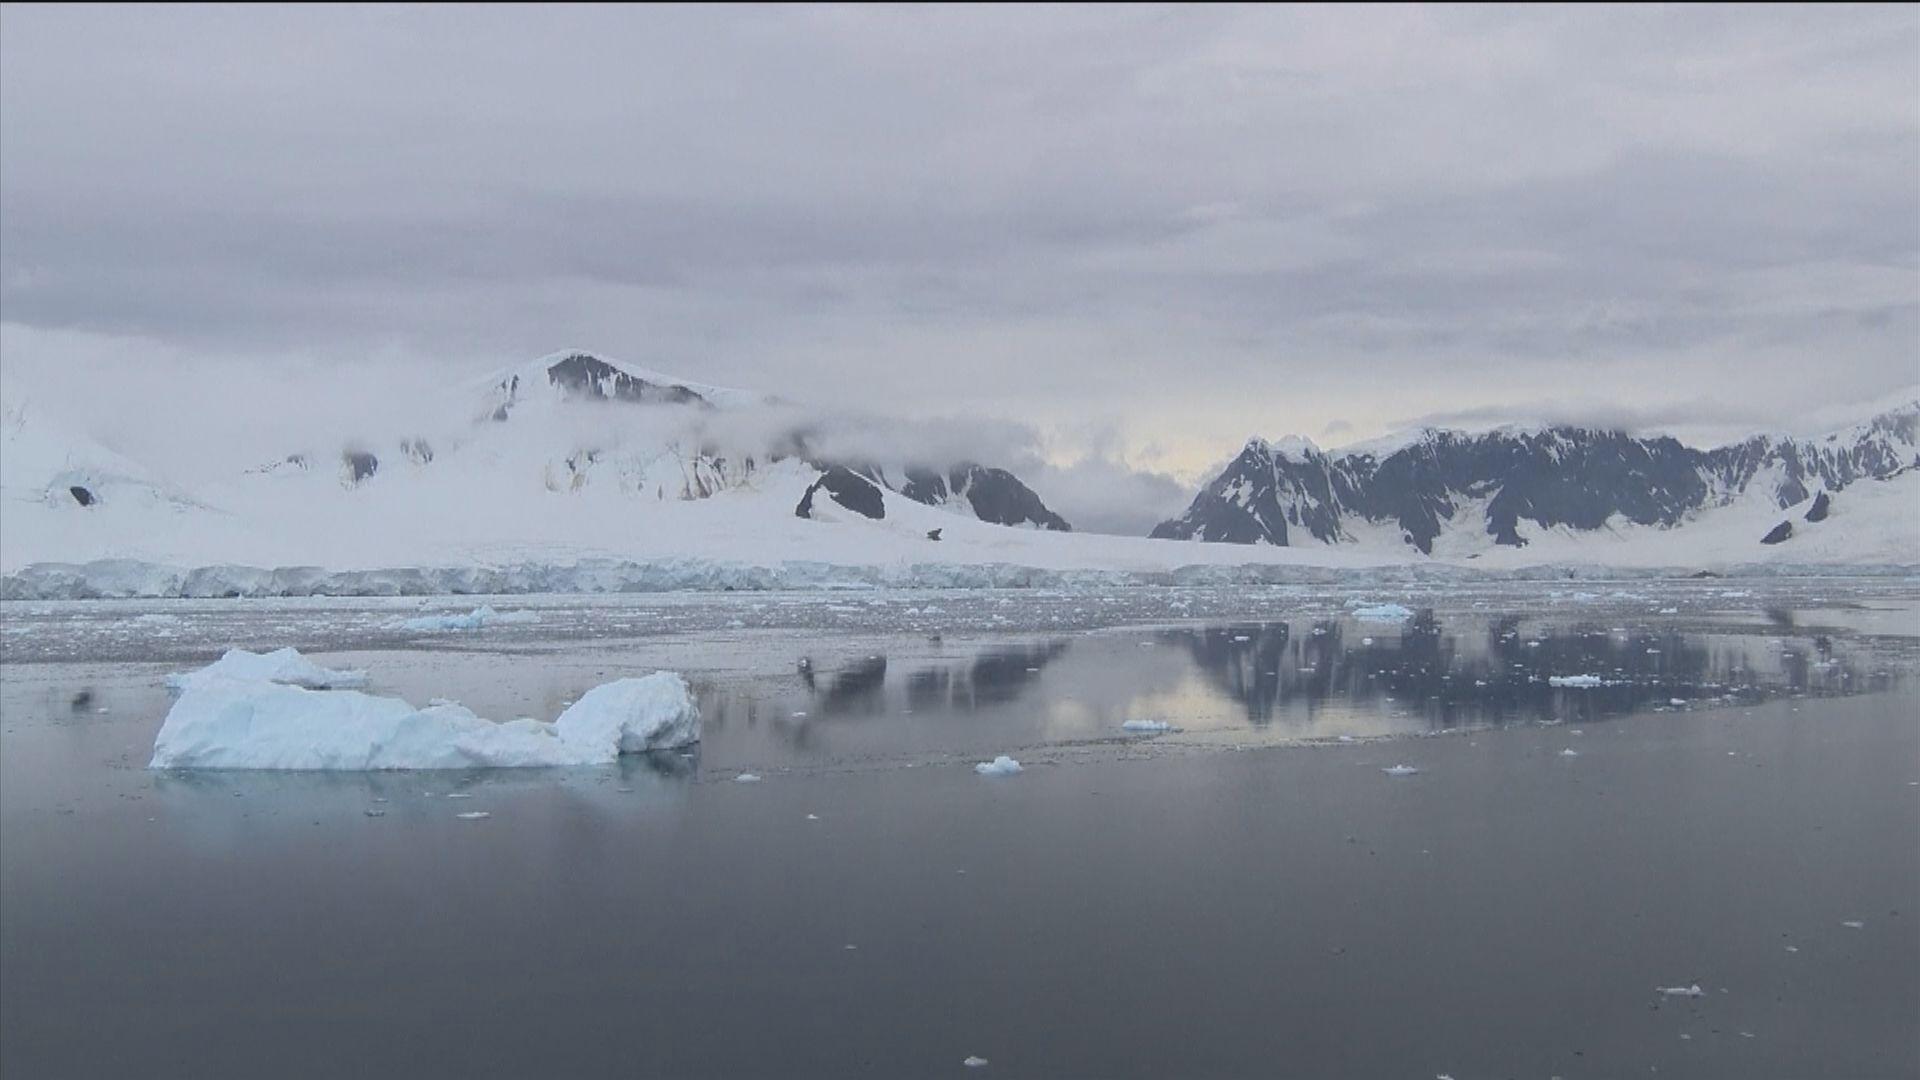 【環球薈報】國家地理學會承認地球有第五大洋